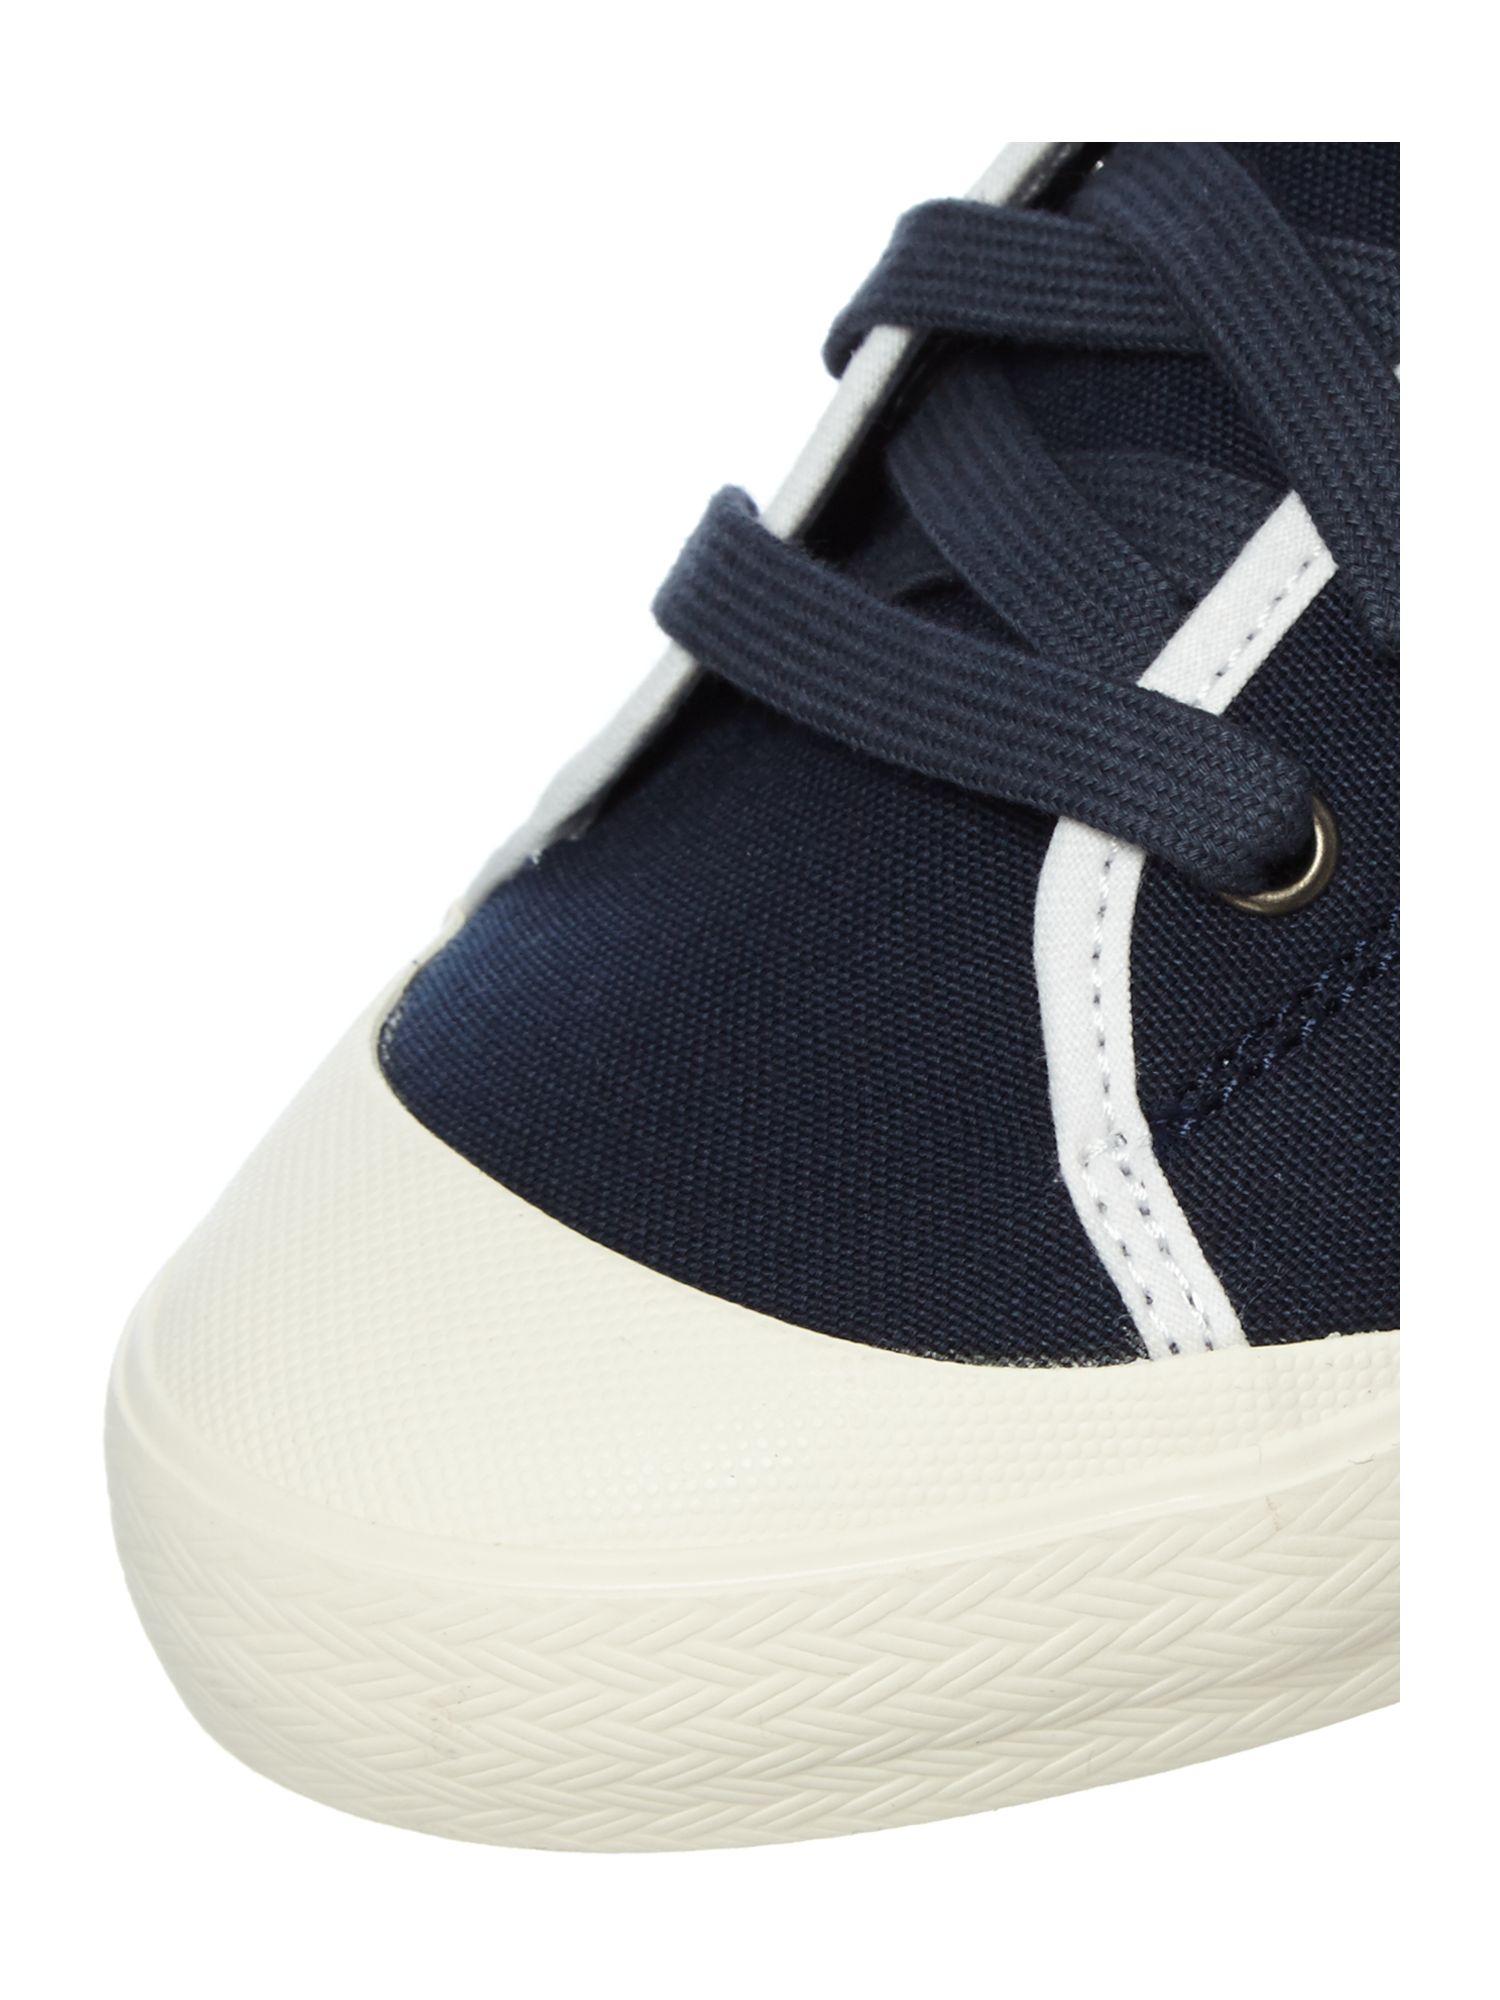 le coq sportif estoril tennis shoes in blue lyst